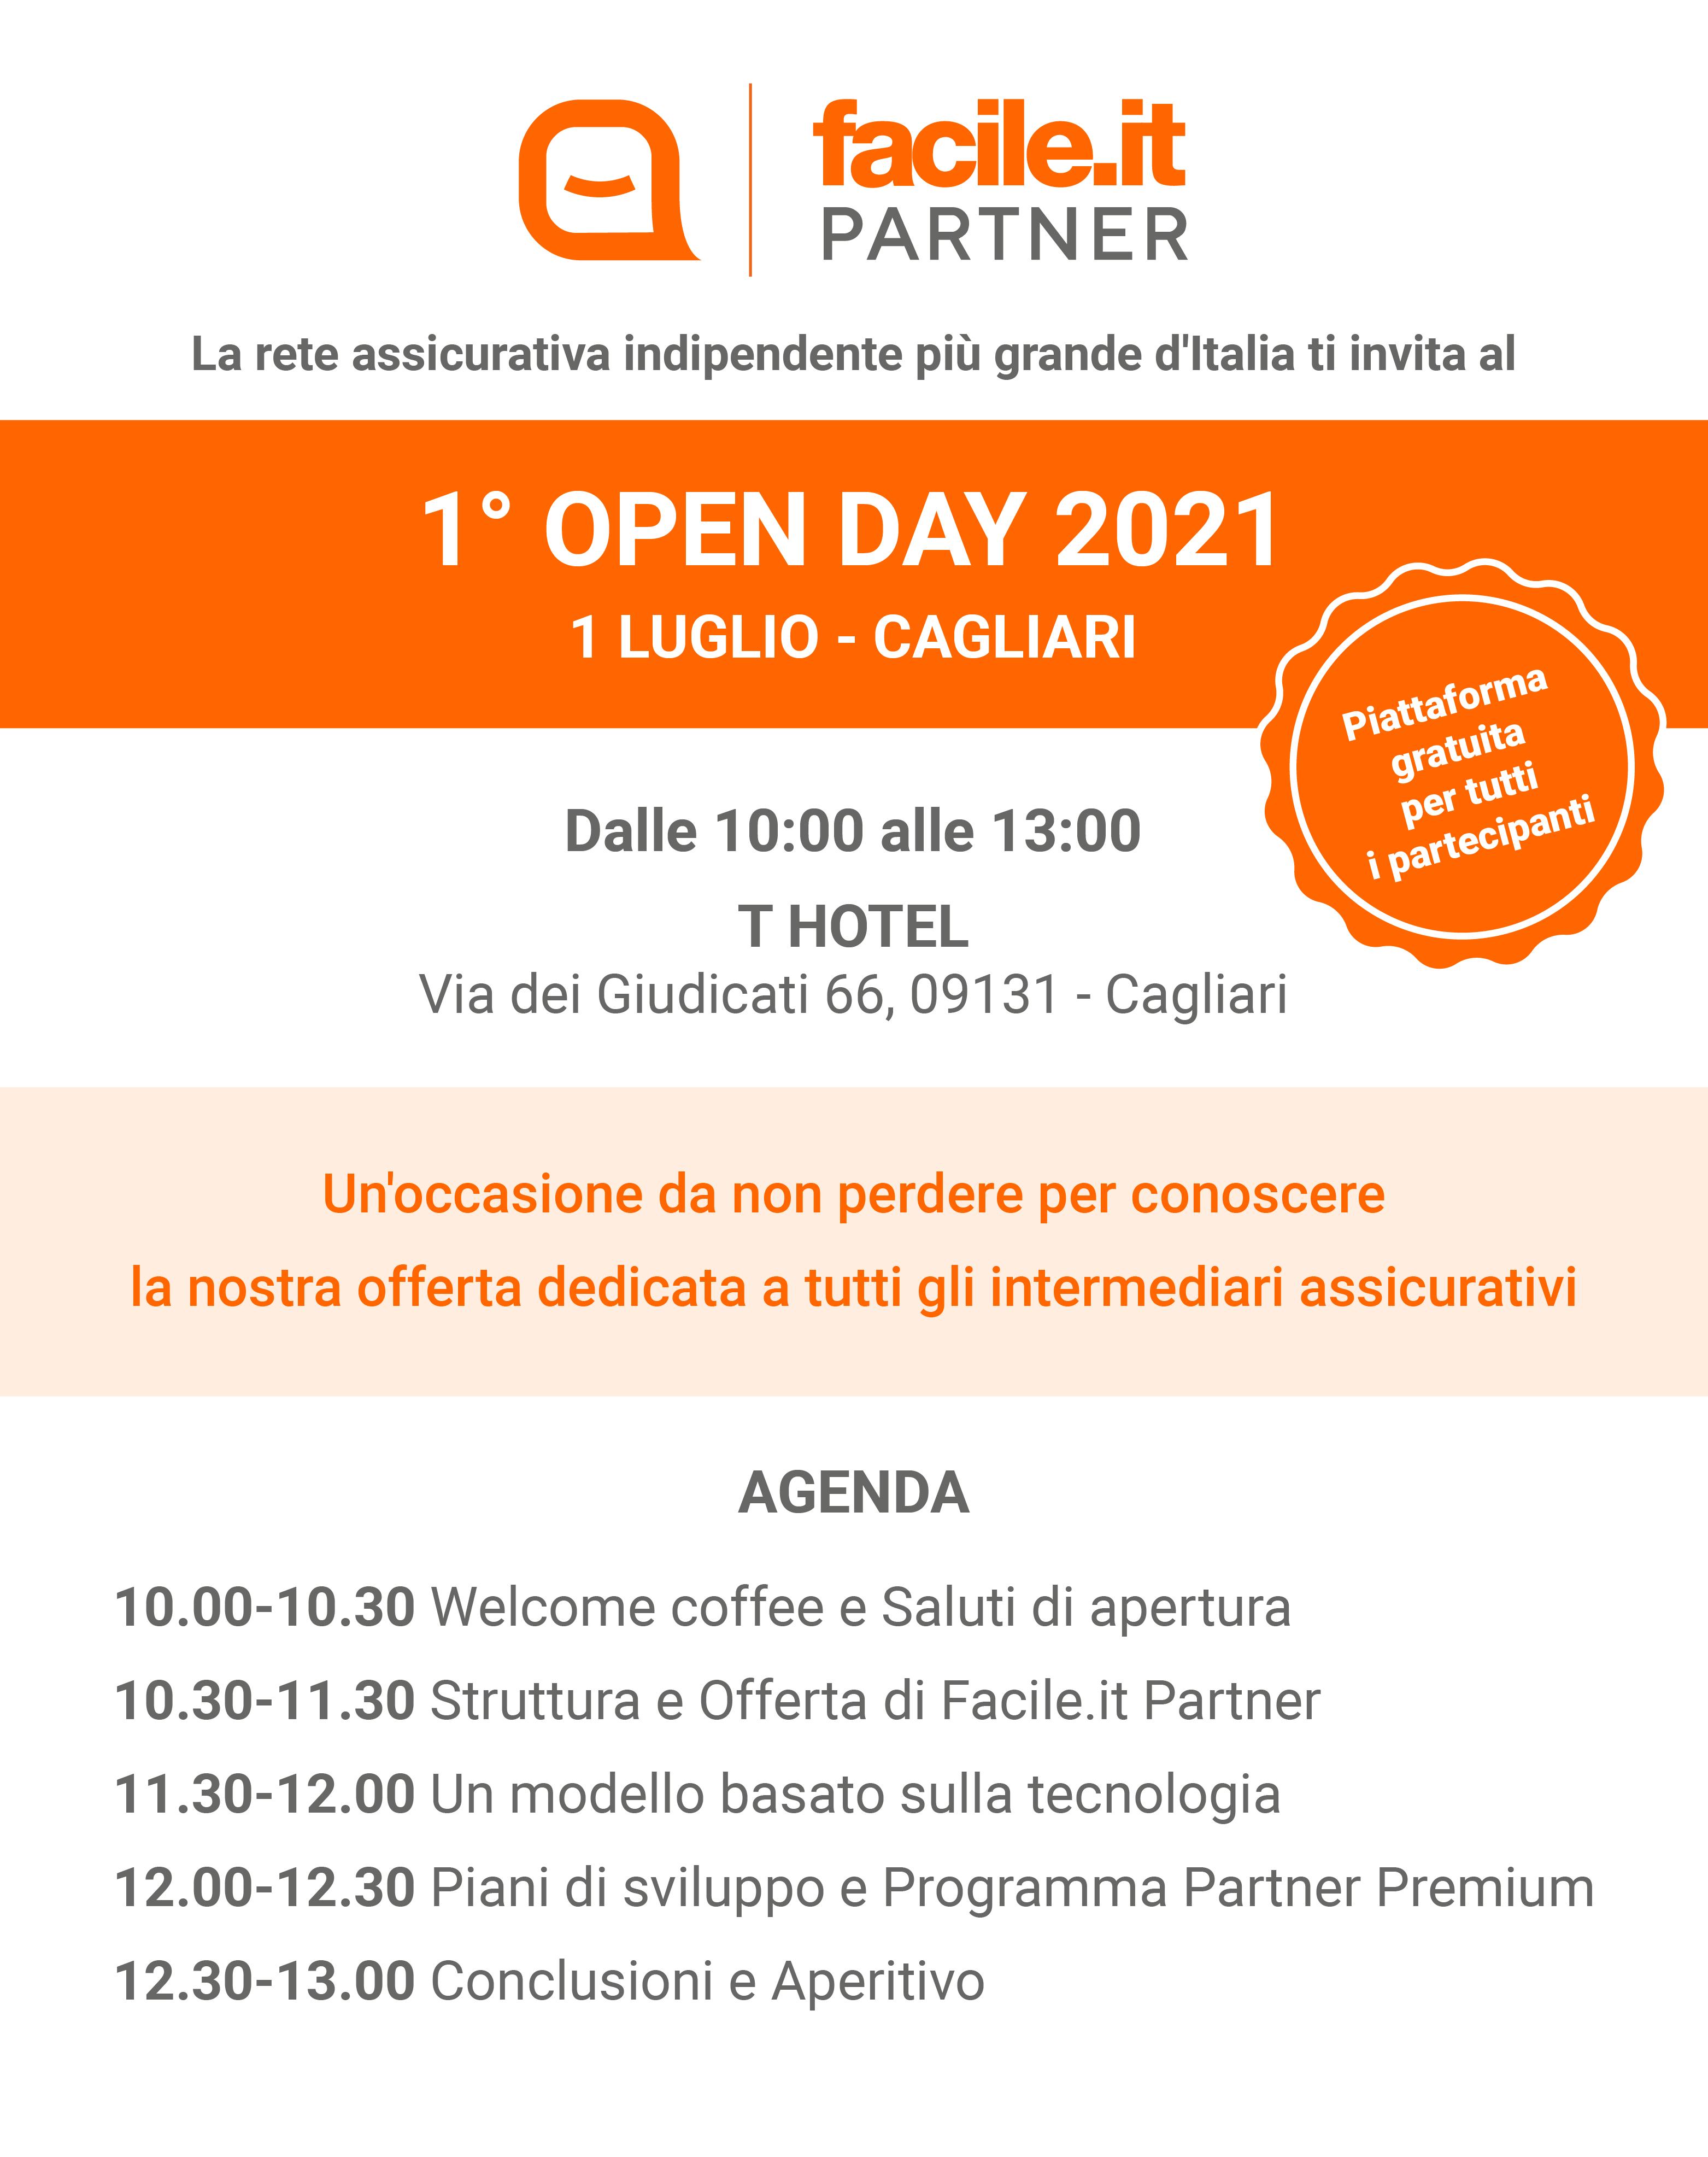 Facile.it Partner Open Day 1° luglio 2021